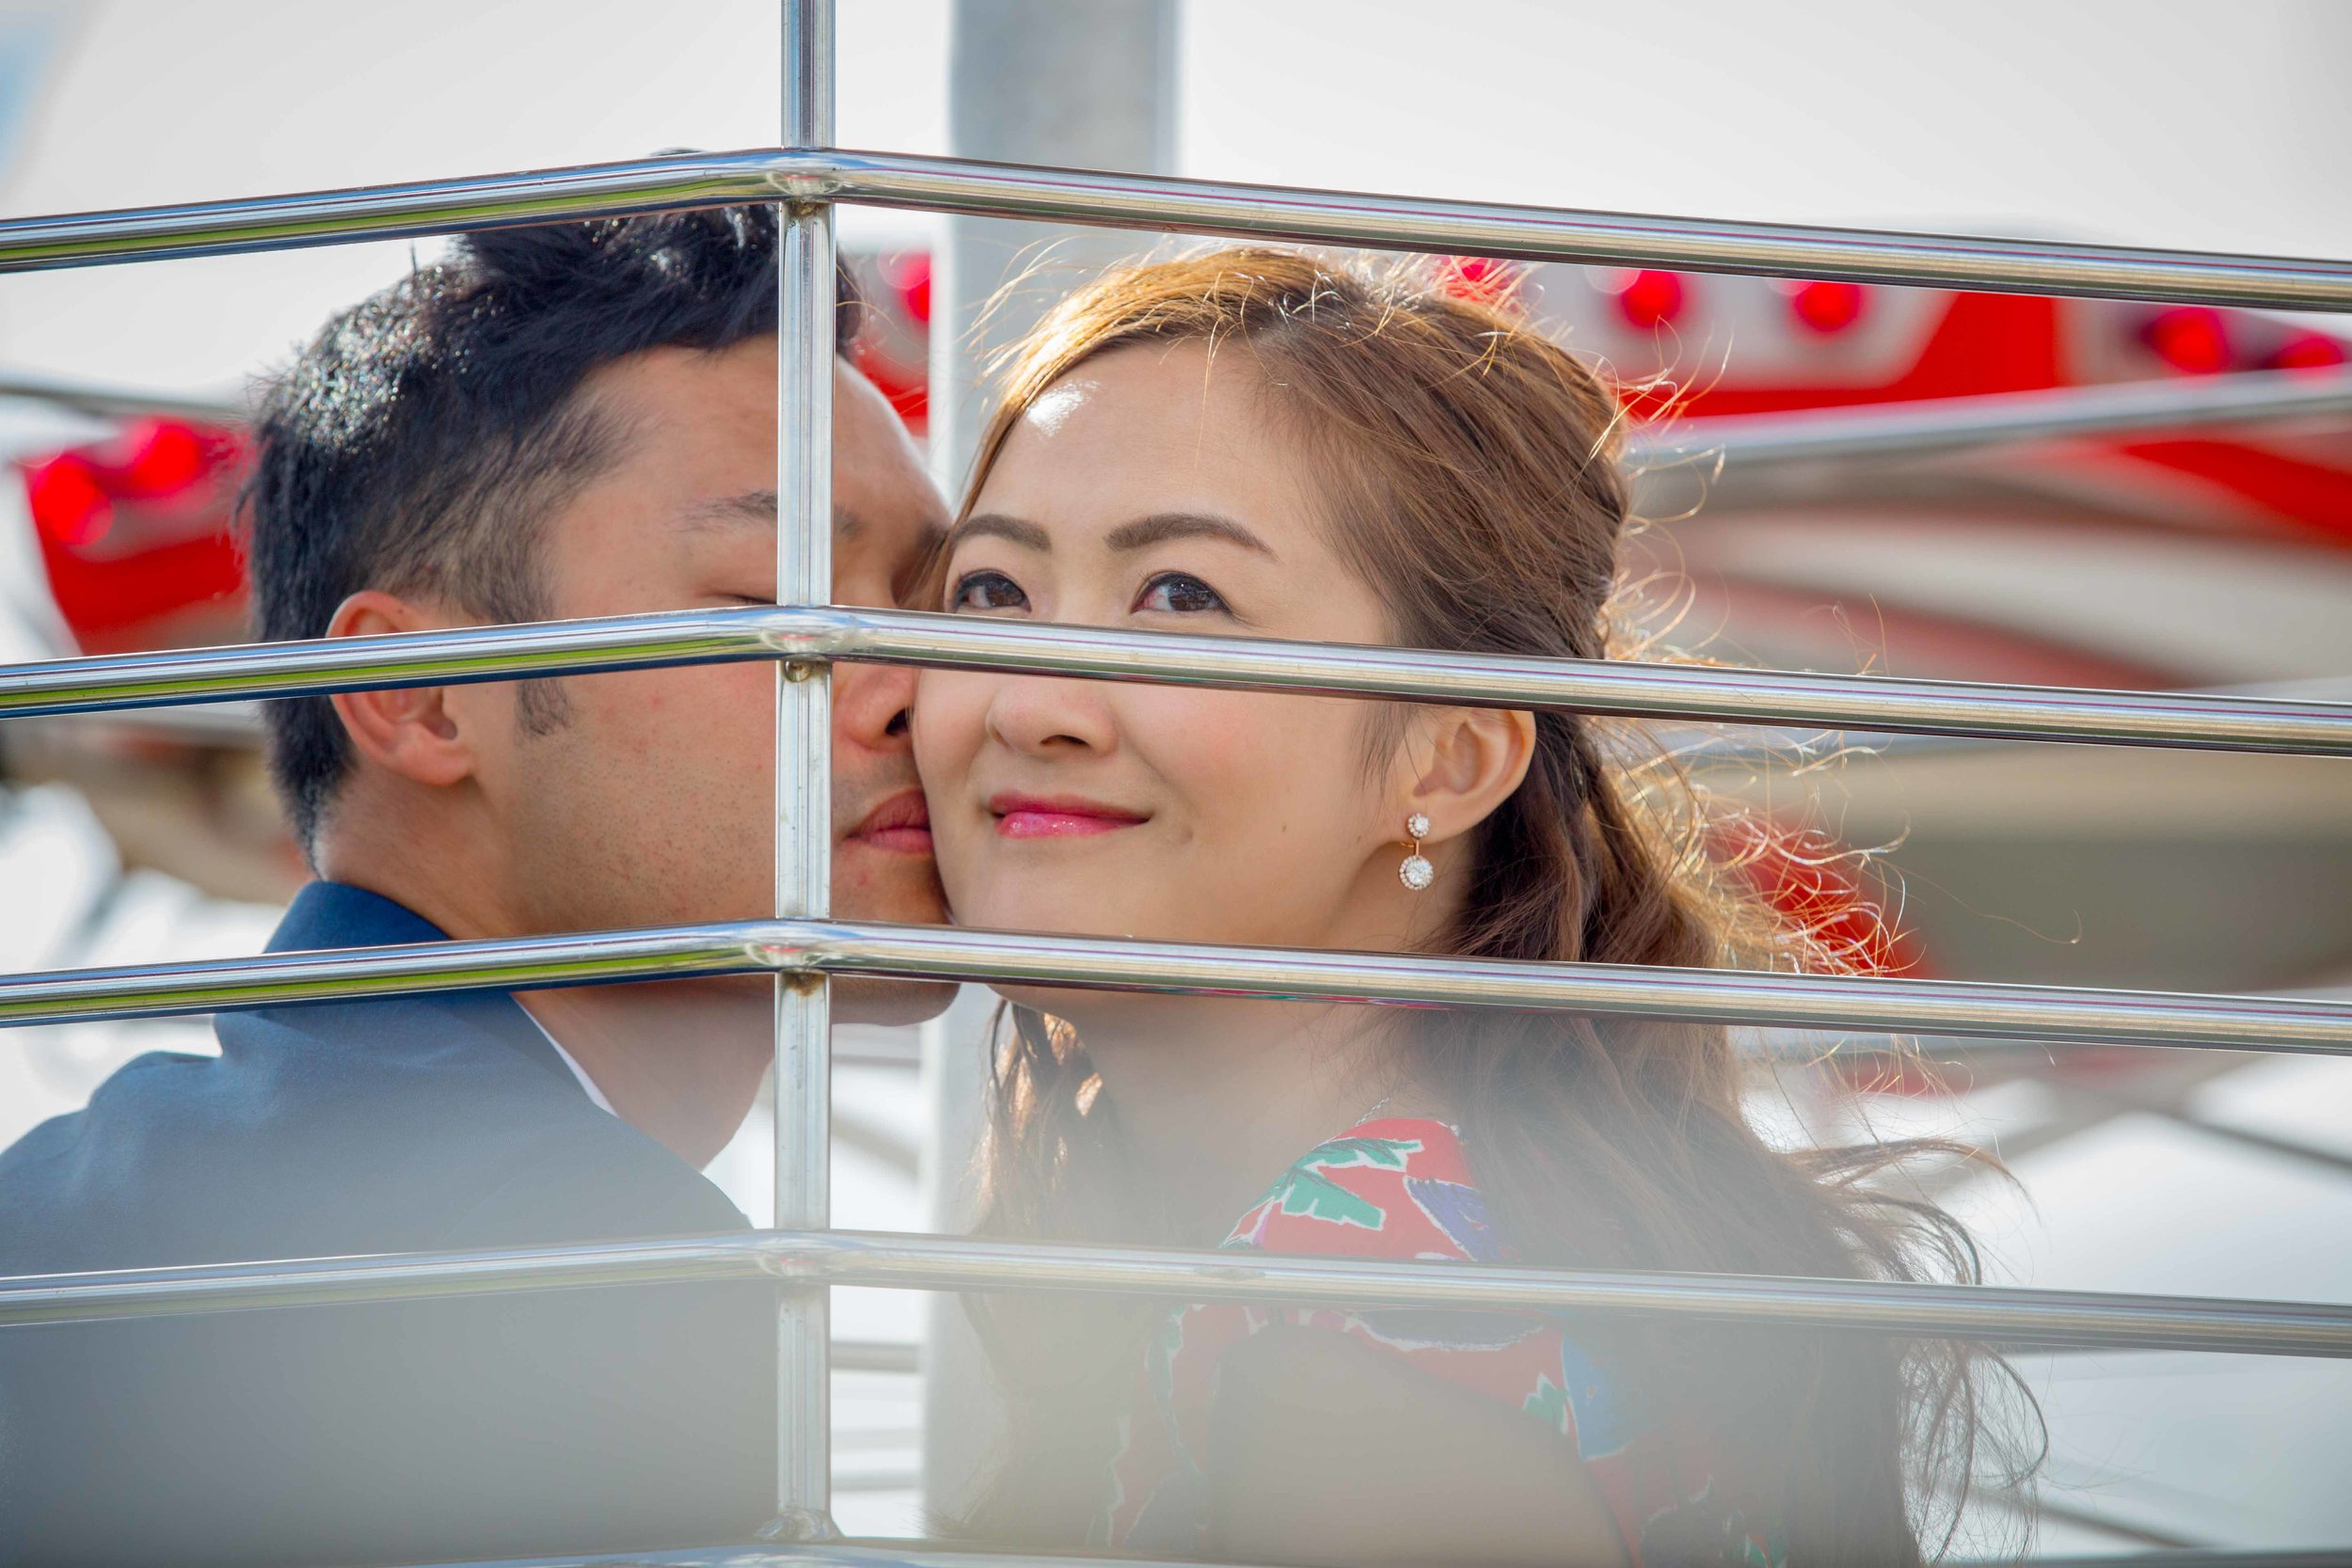 婚紗攝影倫敦英國-婚纱摄影伦敦英国-Chinese- pre-wedding-engagement-shoot-photoshoot-London-edinburgh-destination-wedding-photographer-hong-kong-natalia-smith-photography-26.jpg